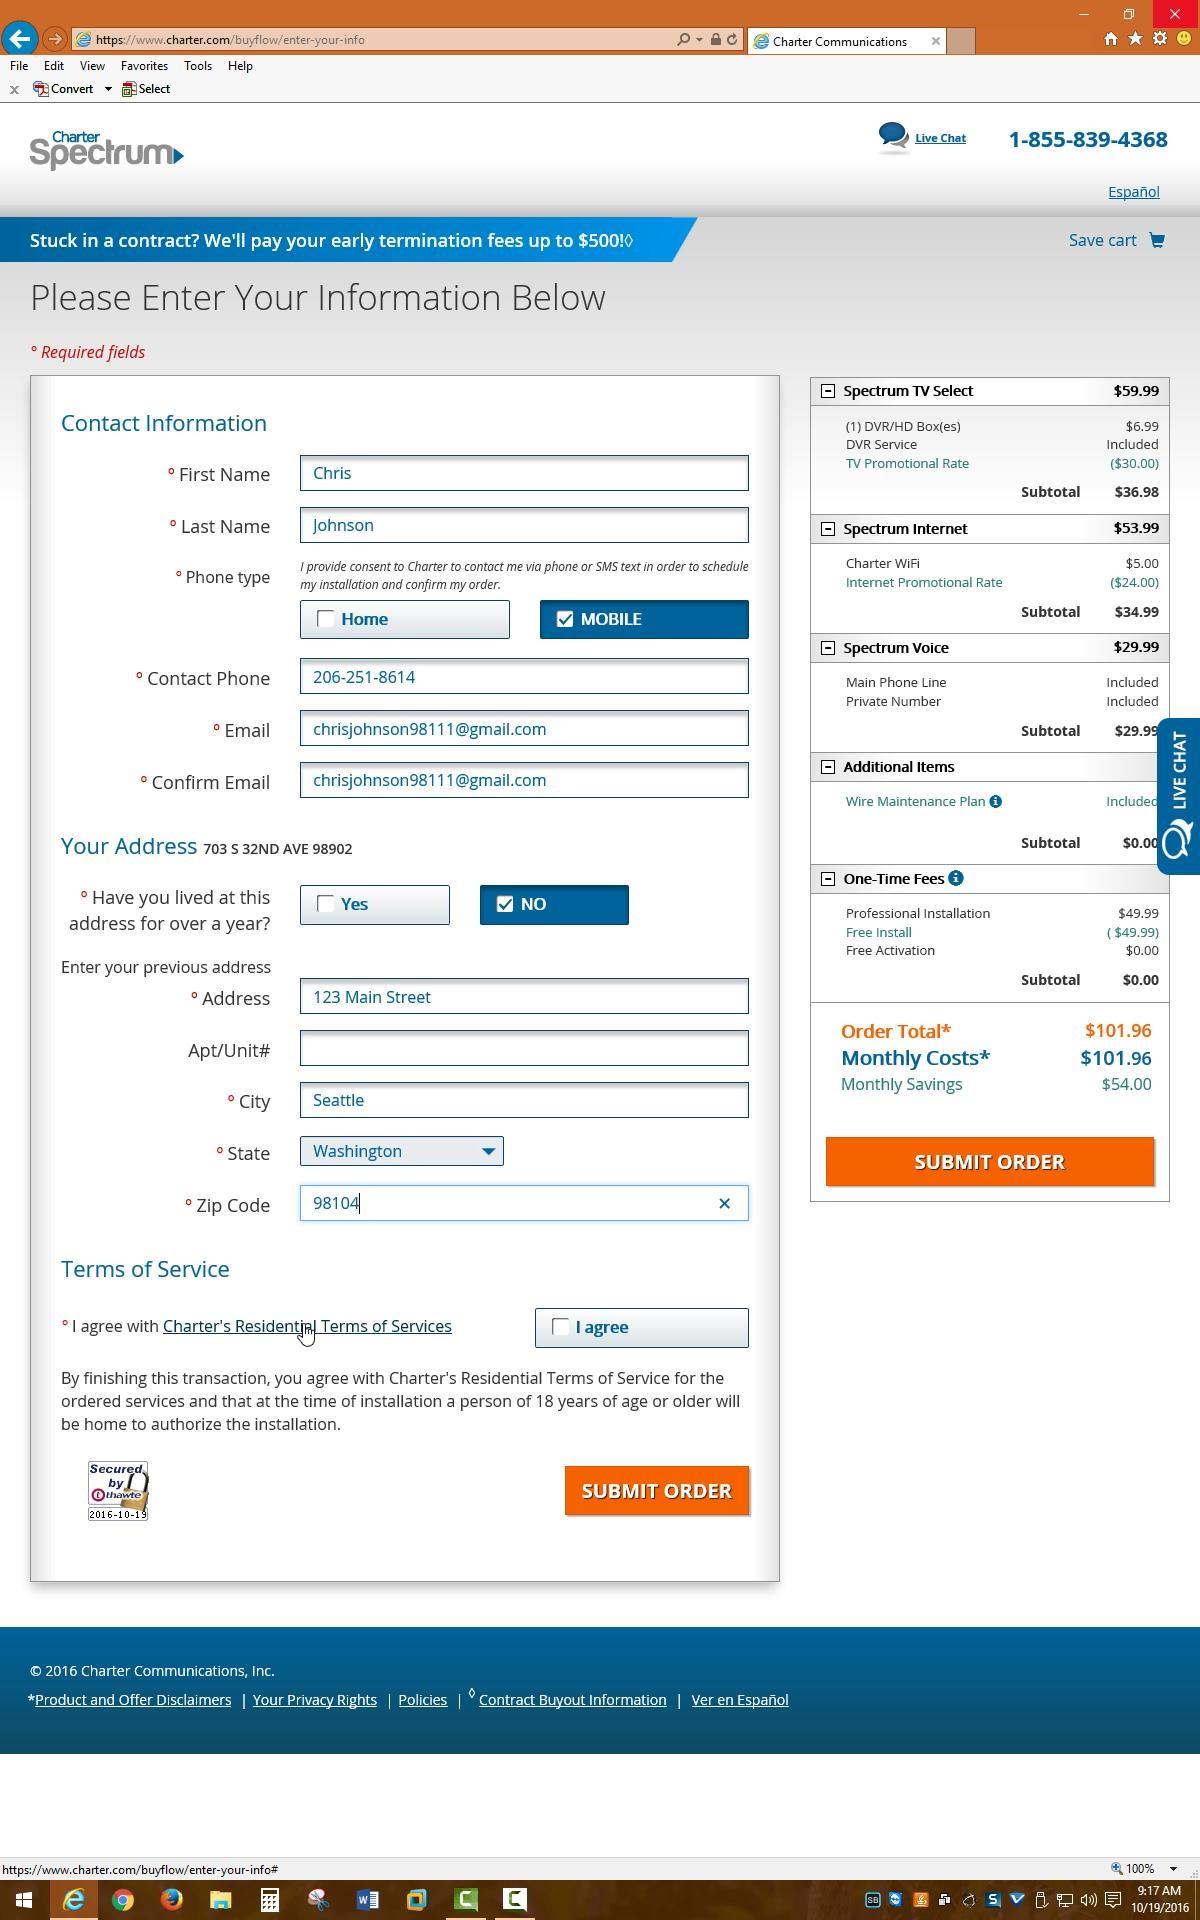 Screenshot of online order form